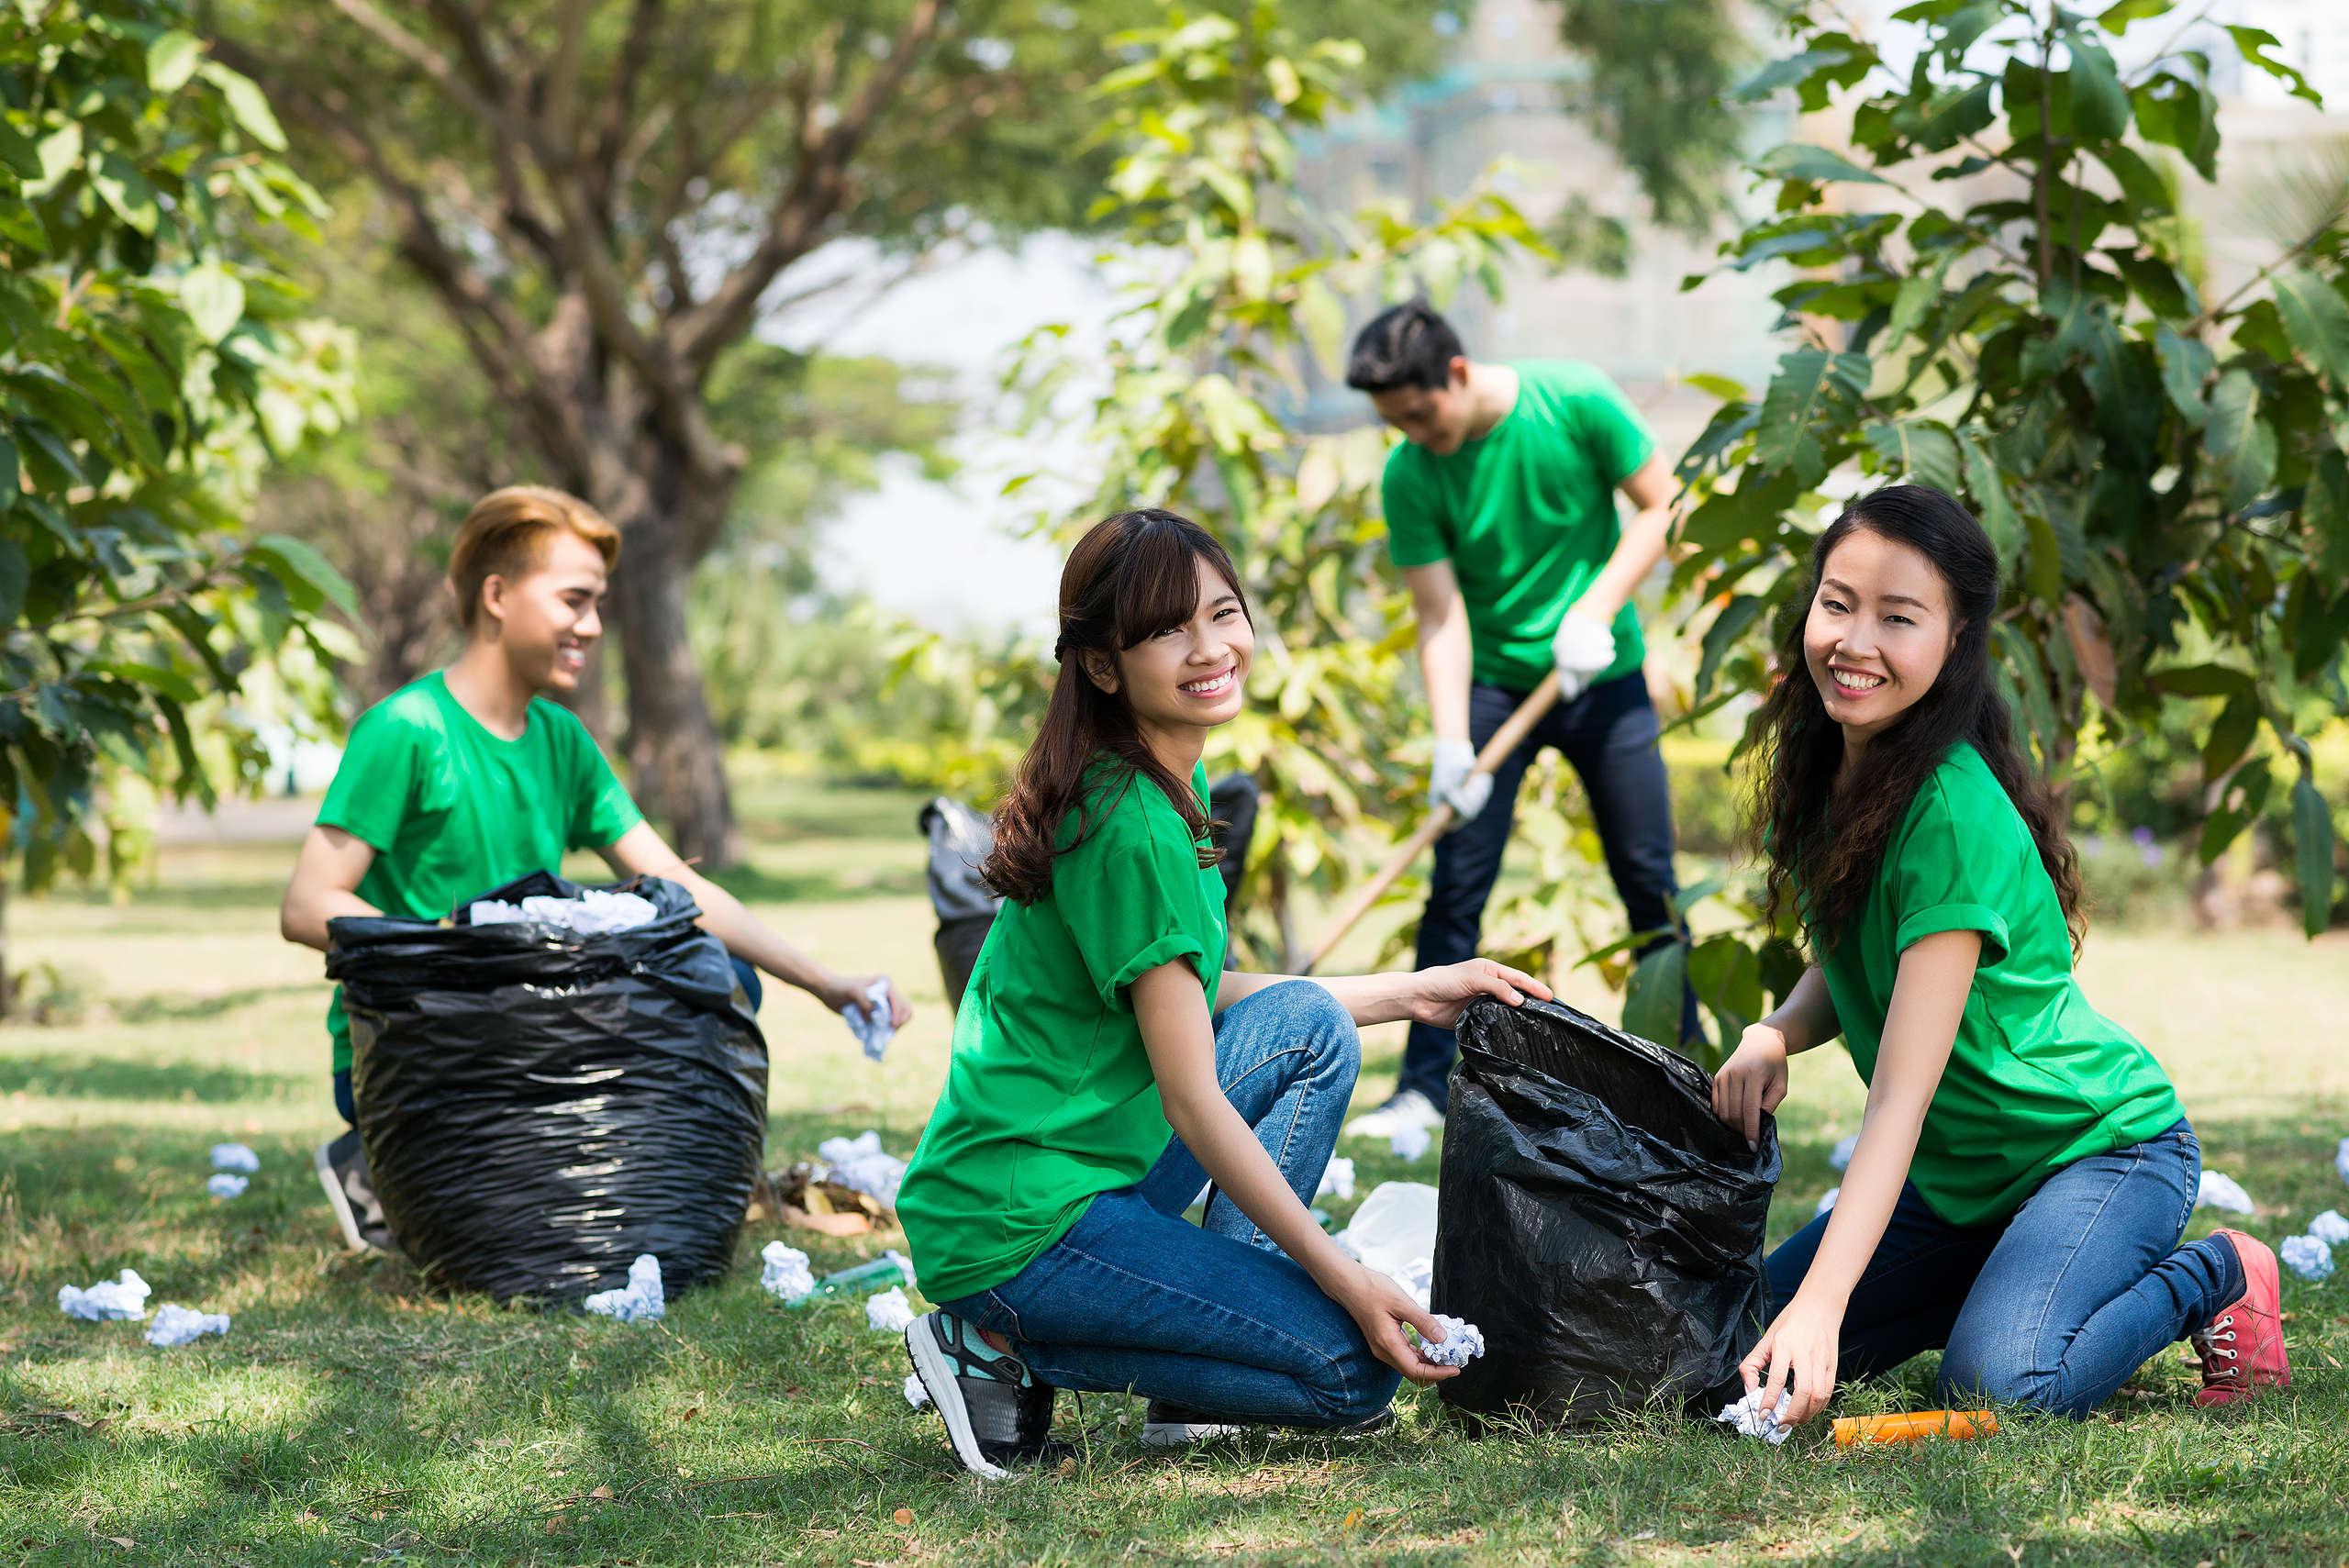 透過社區活動,可以令公眾更容易接受和認同環保理念。© Shutterstock